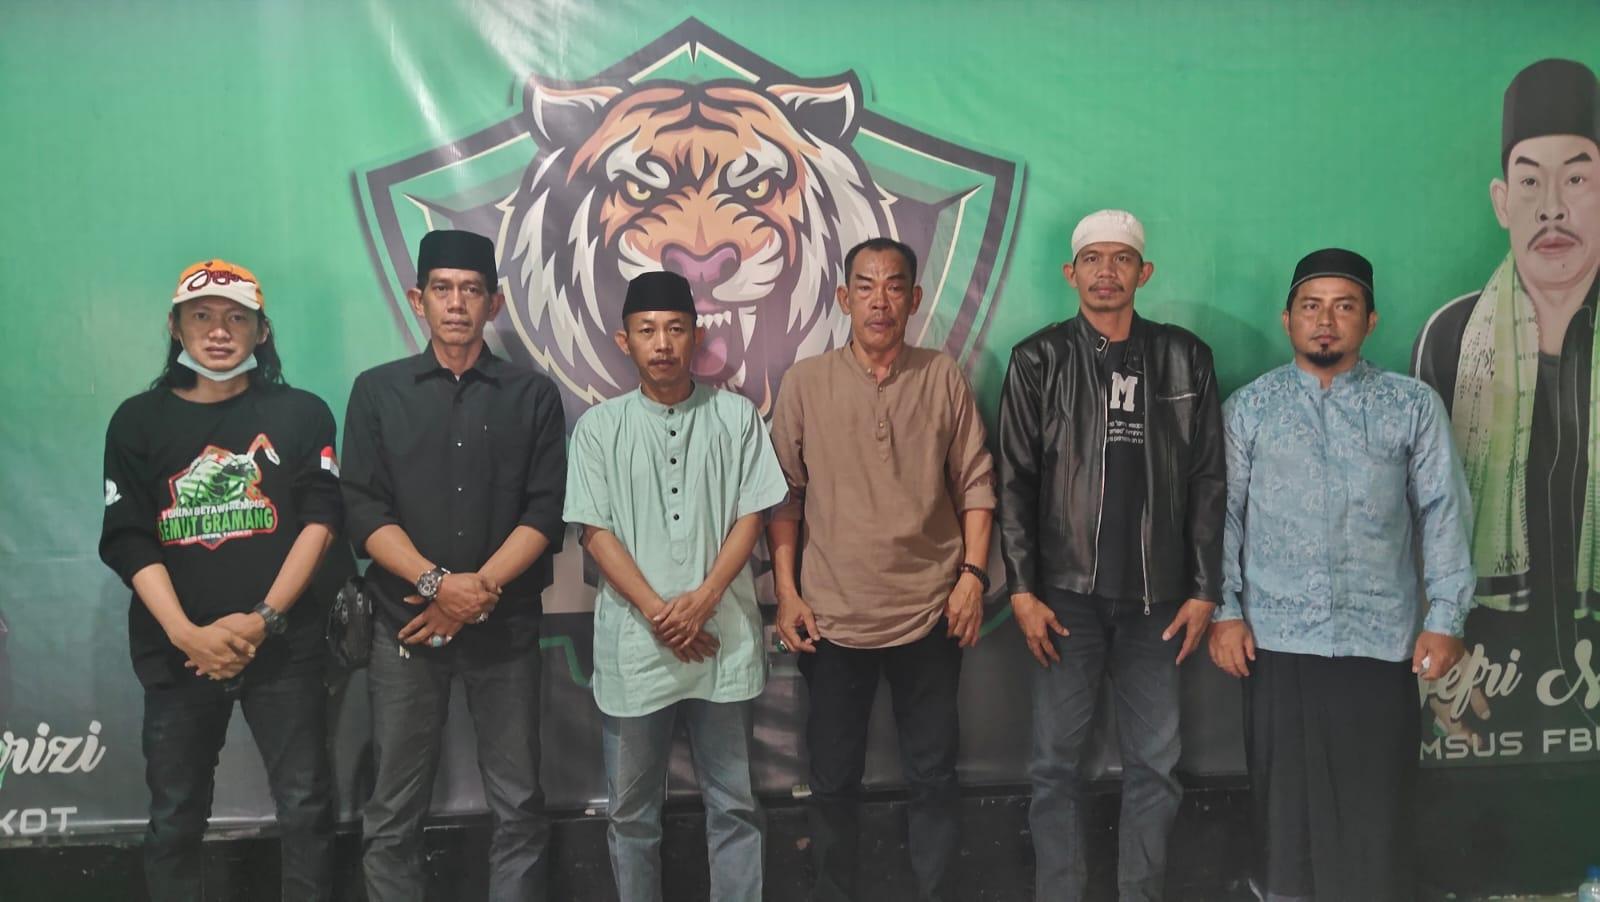 Gambar Pasca Kerusuhan Kini Ormas BPPKB Banten dan FBR Sepakat Berdamai 17